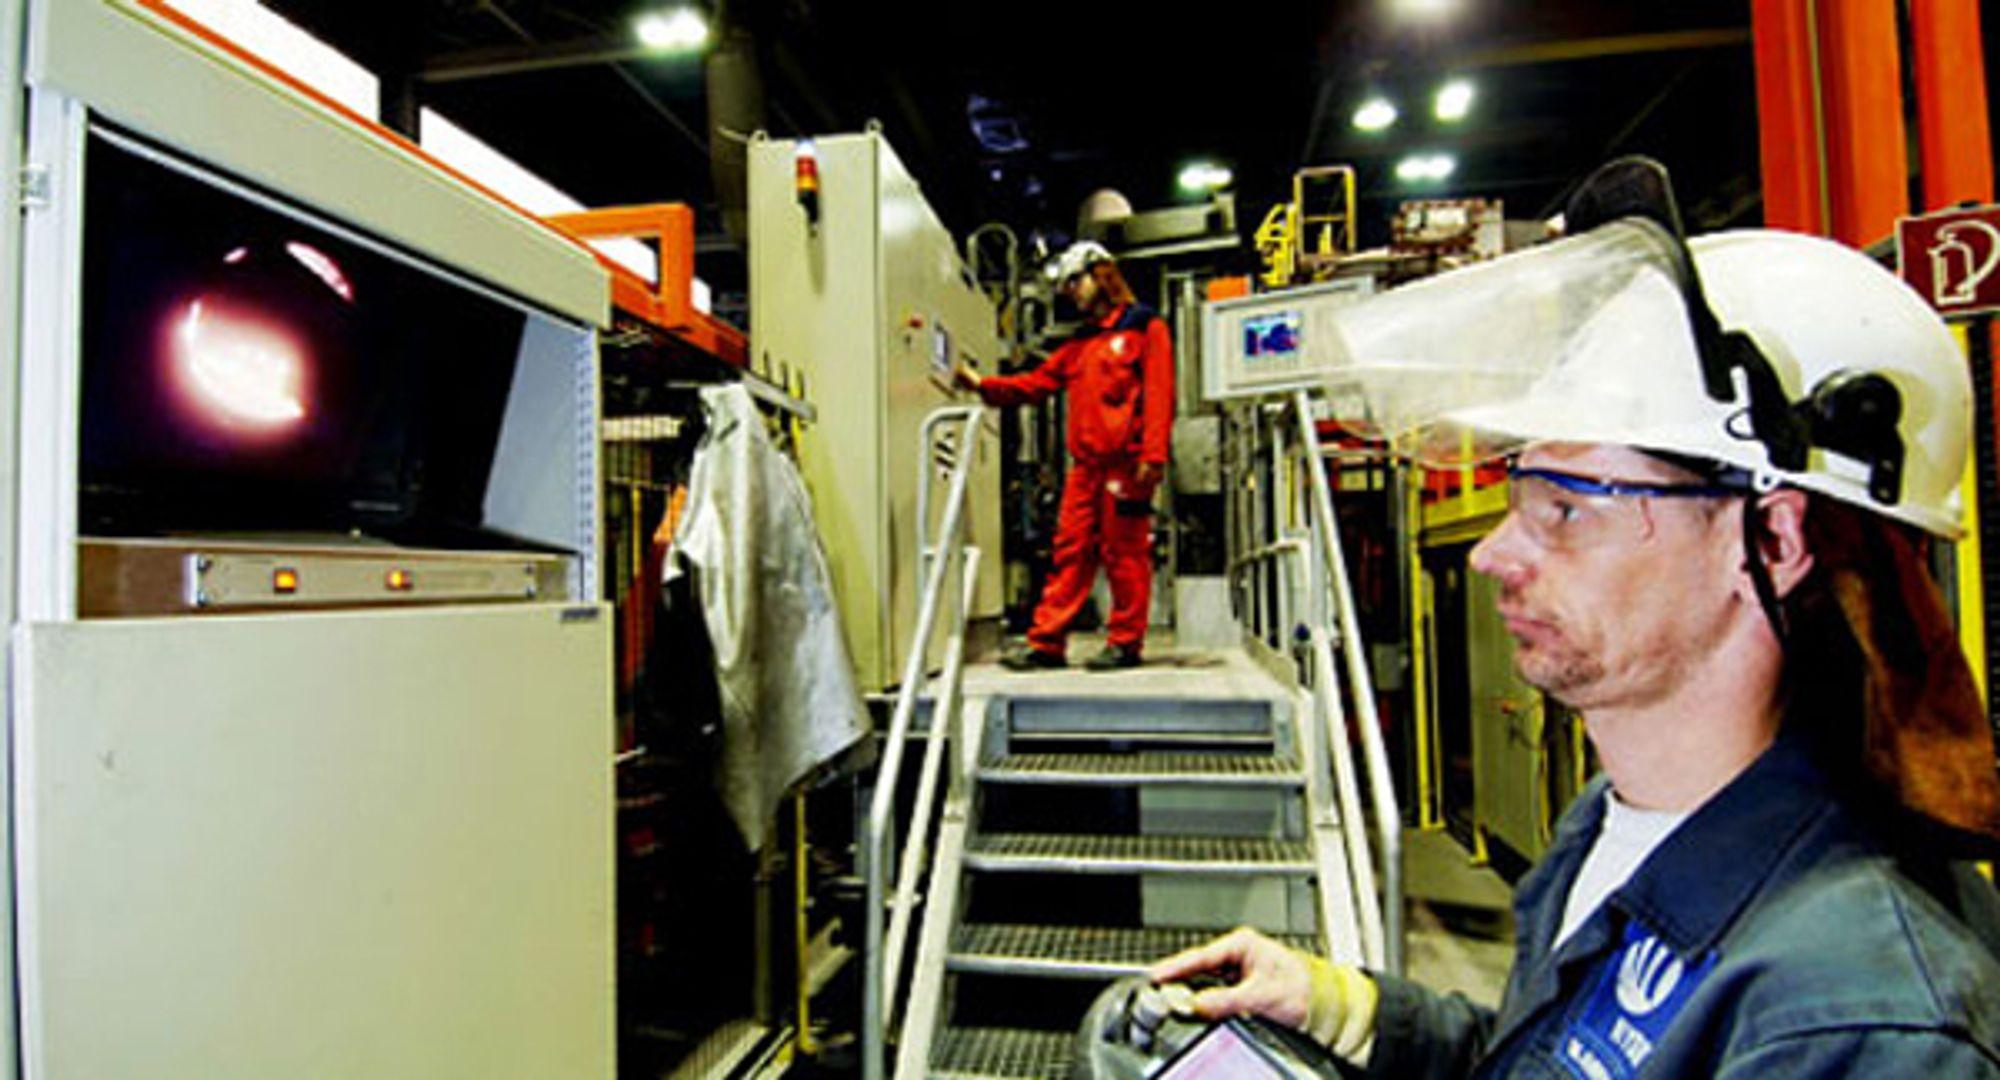 Aluminiumsverket her i Neuss er det siste verket i rekken som må tåle kutt i produksjonen.